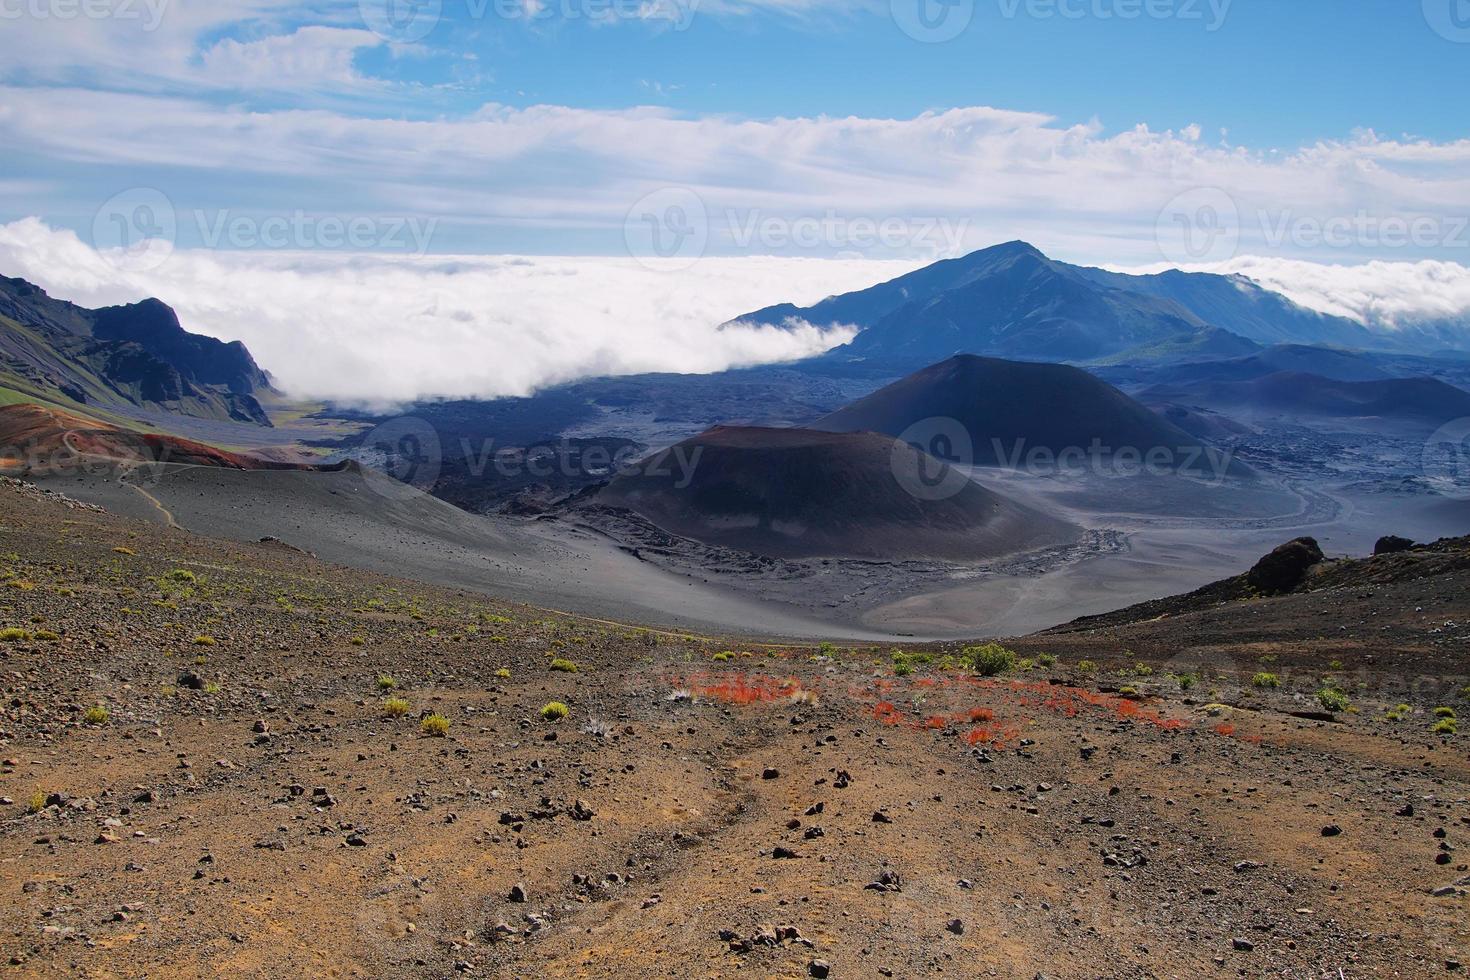 caldera del vulcano haleakala nell'isola di maui foto